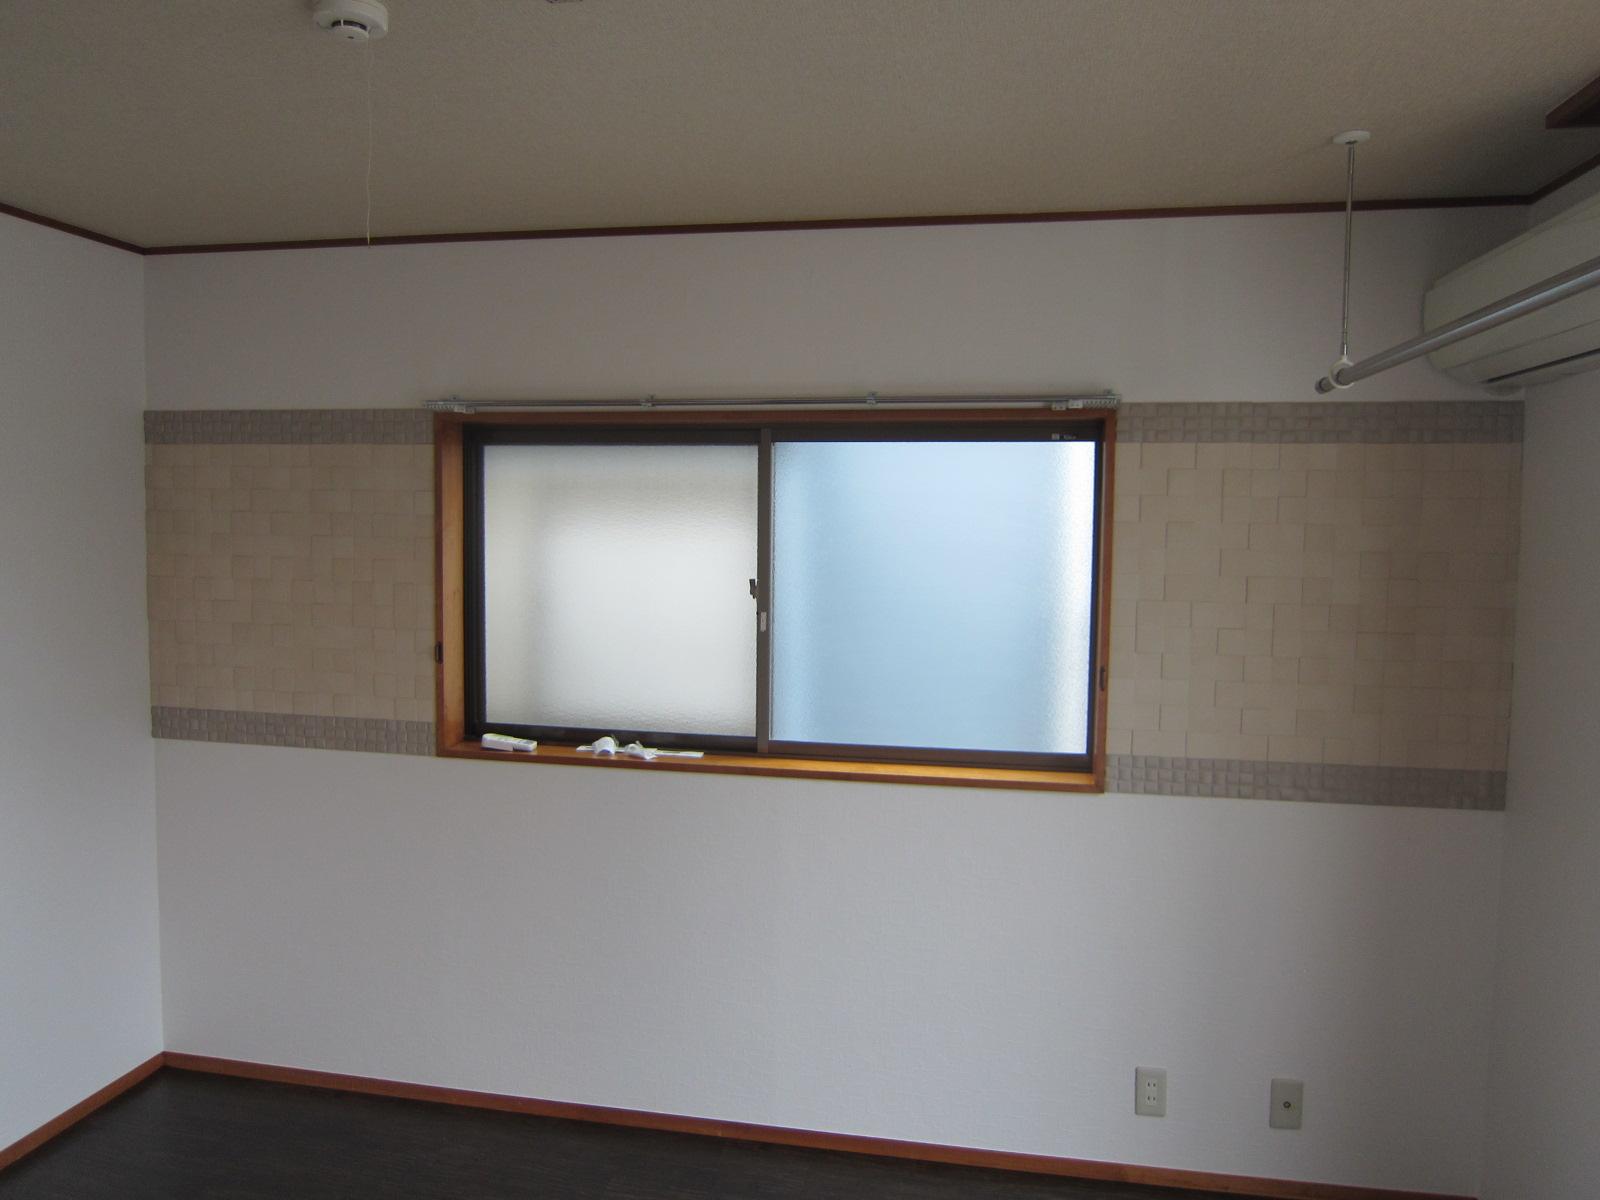 12二階窓